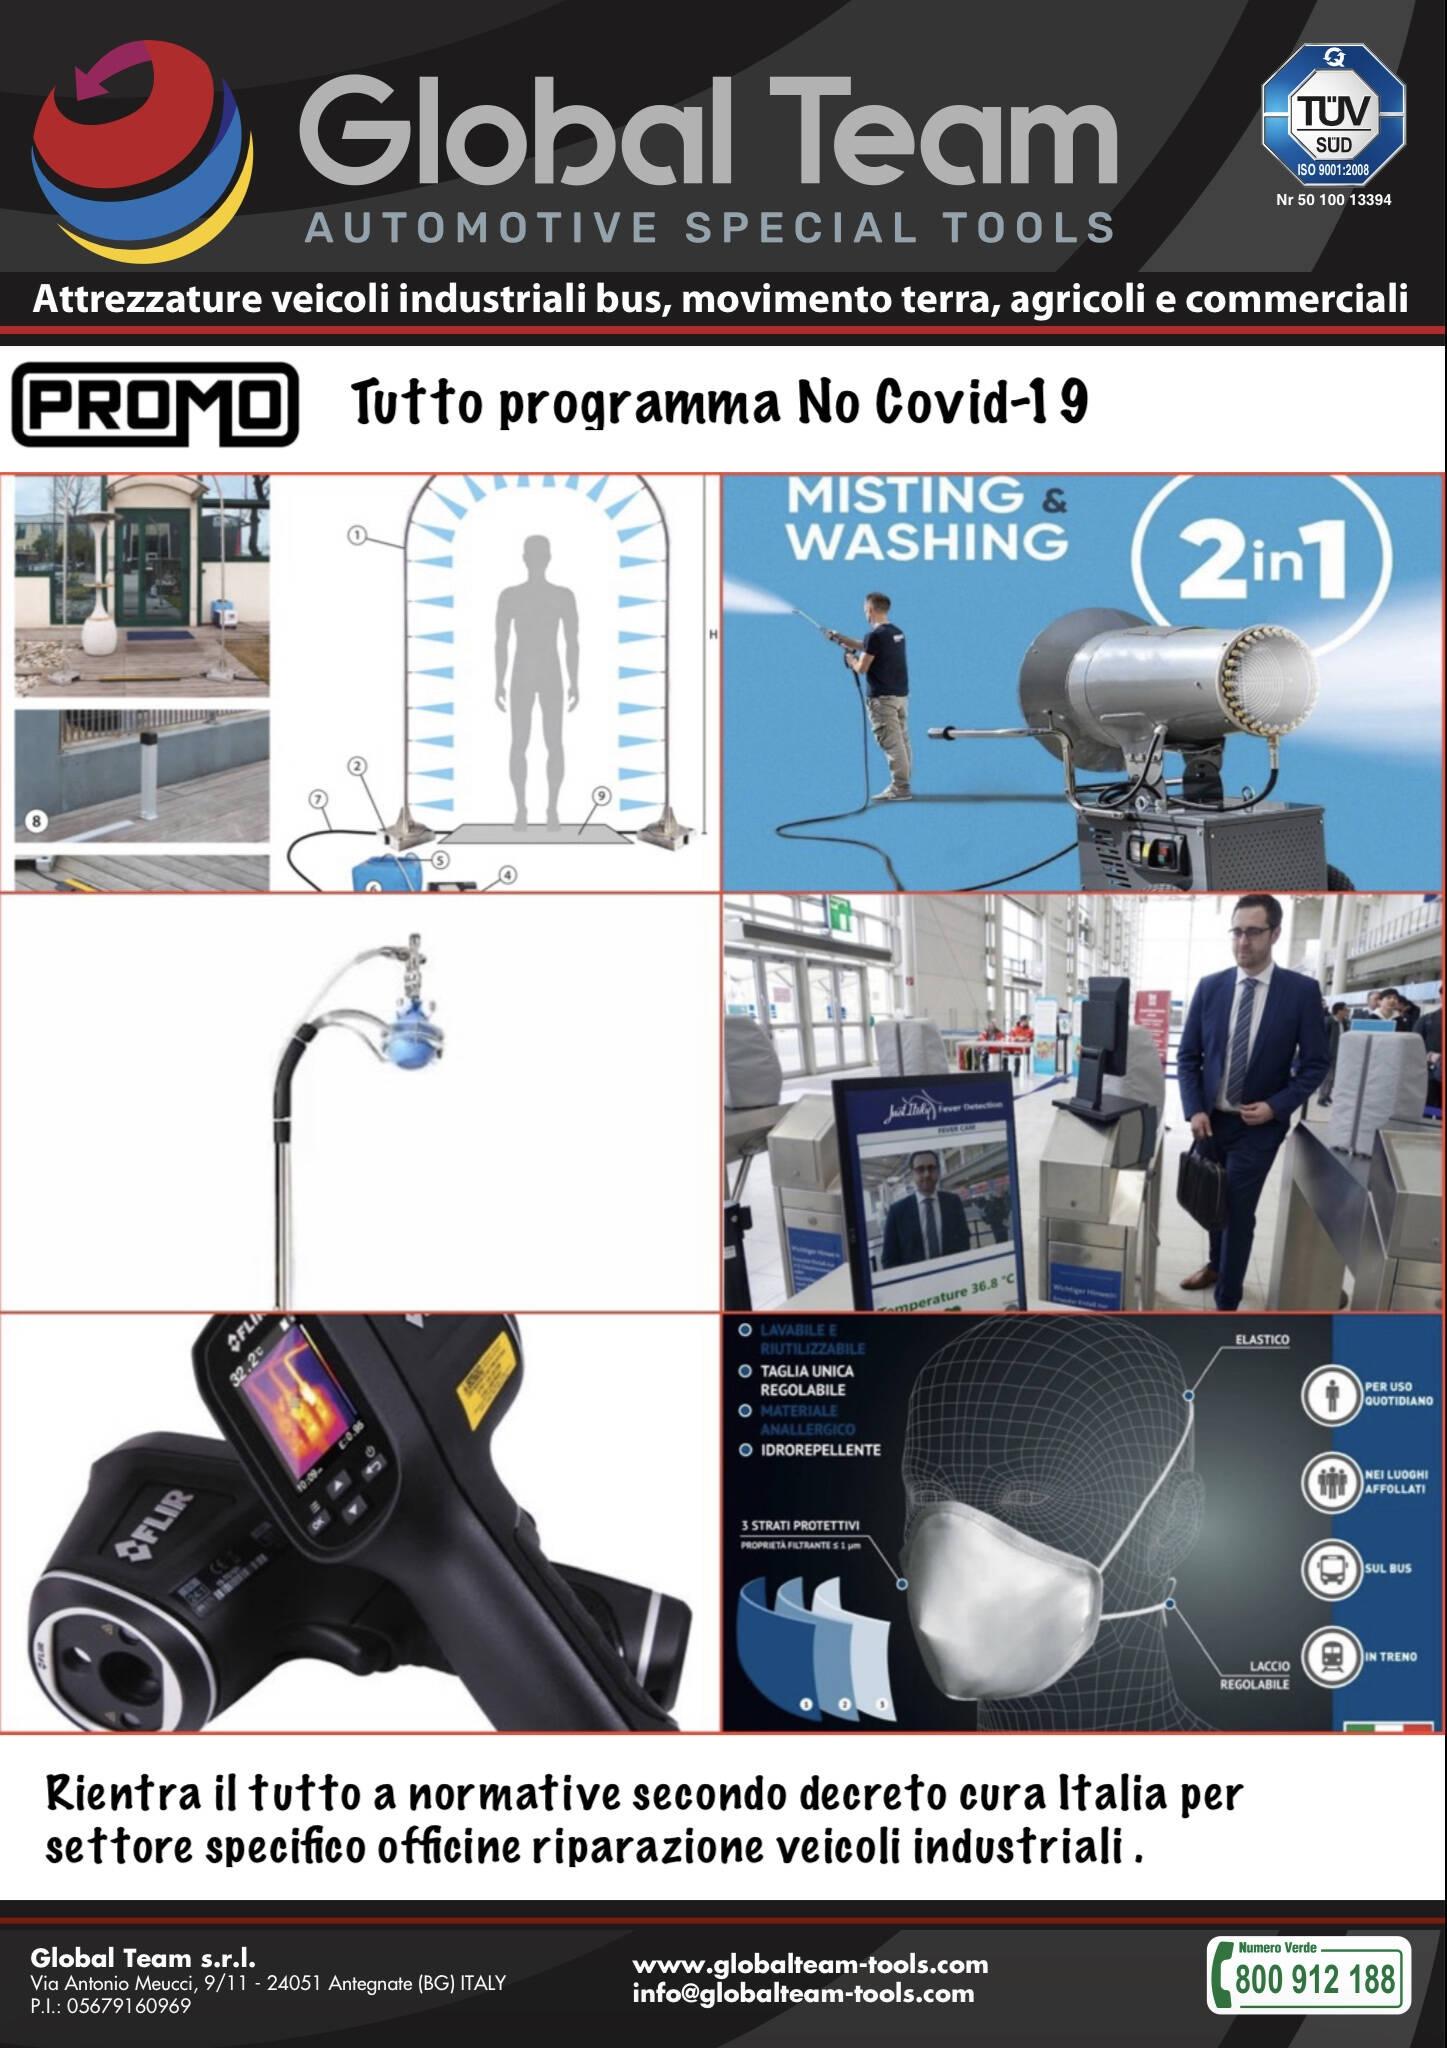 Programma sanificatori, ozonizzatori, barriere protettive ed individuati e prodotti chimici a presidio medico chirurgico no Covit-19